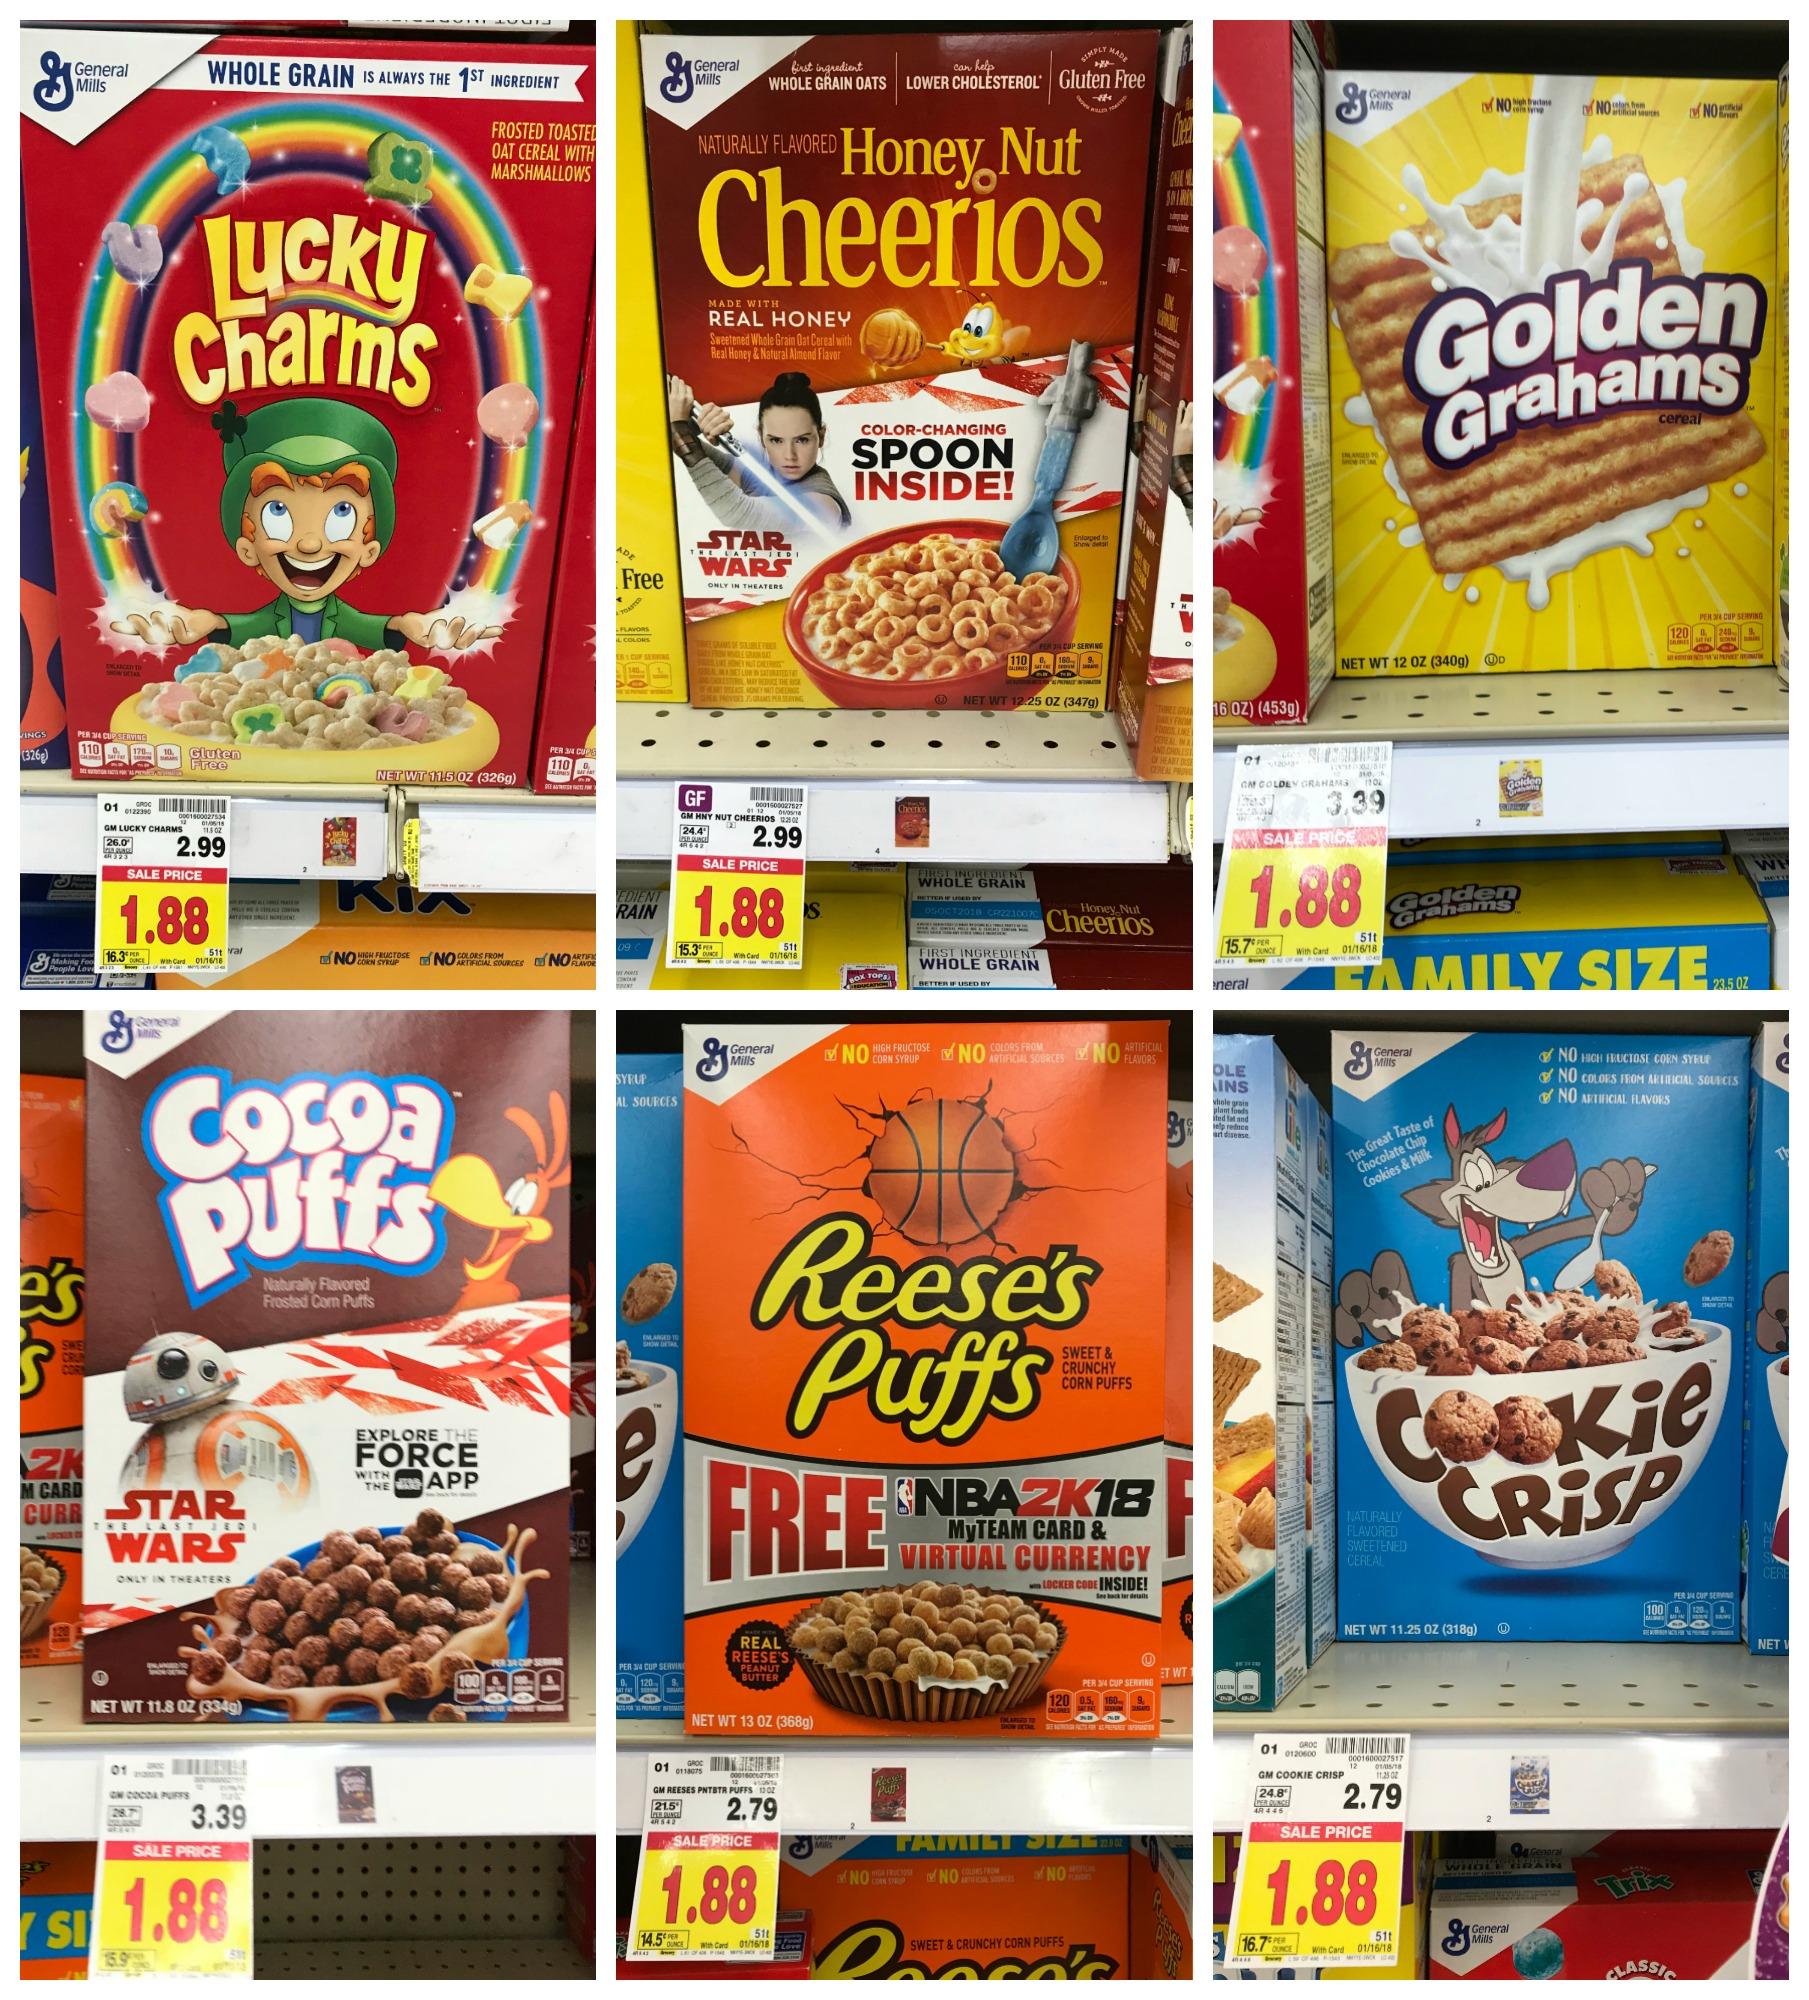 General Mills Cereals ONLY $1.38 At Kroger (Reg Price $2